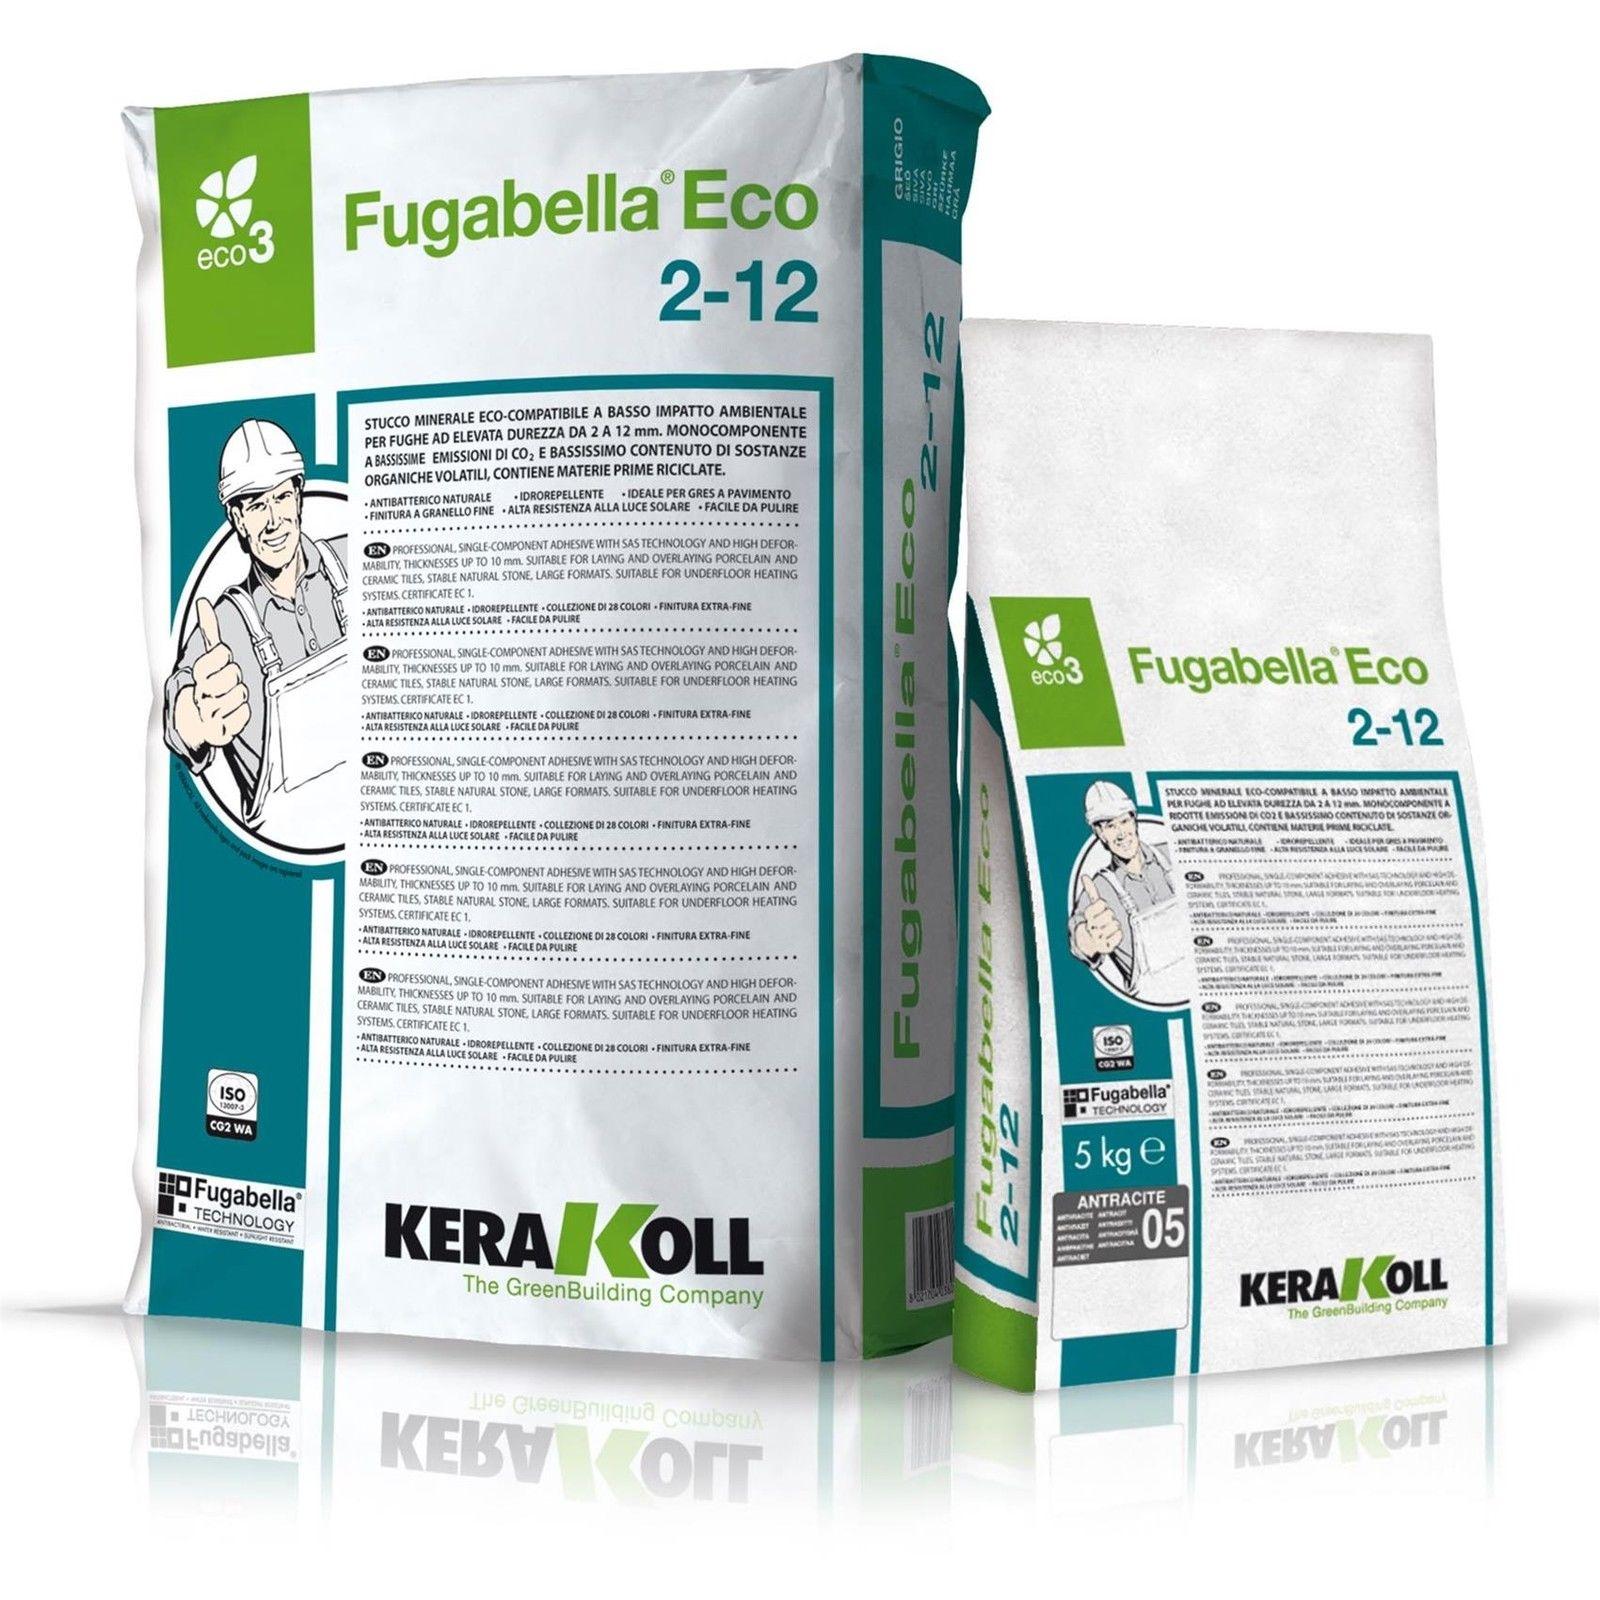 Kerakoll fugabella eco 2-12 stucco fuga per piastrelle colore bianco kg5